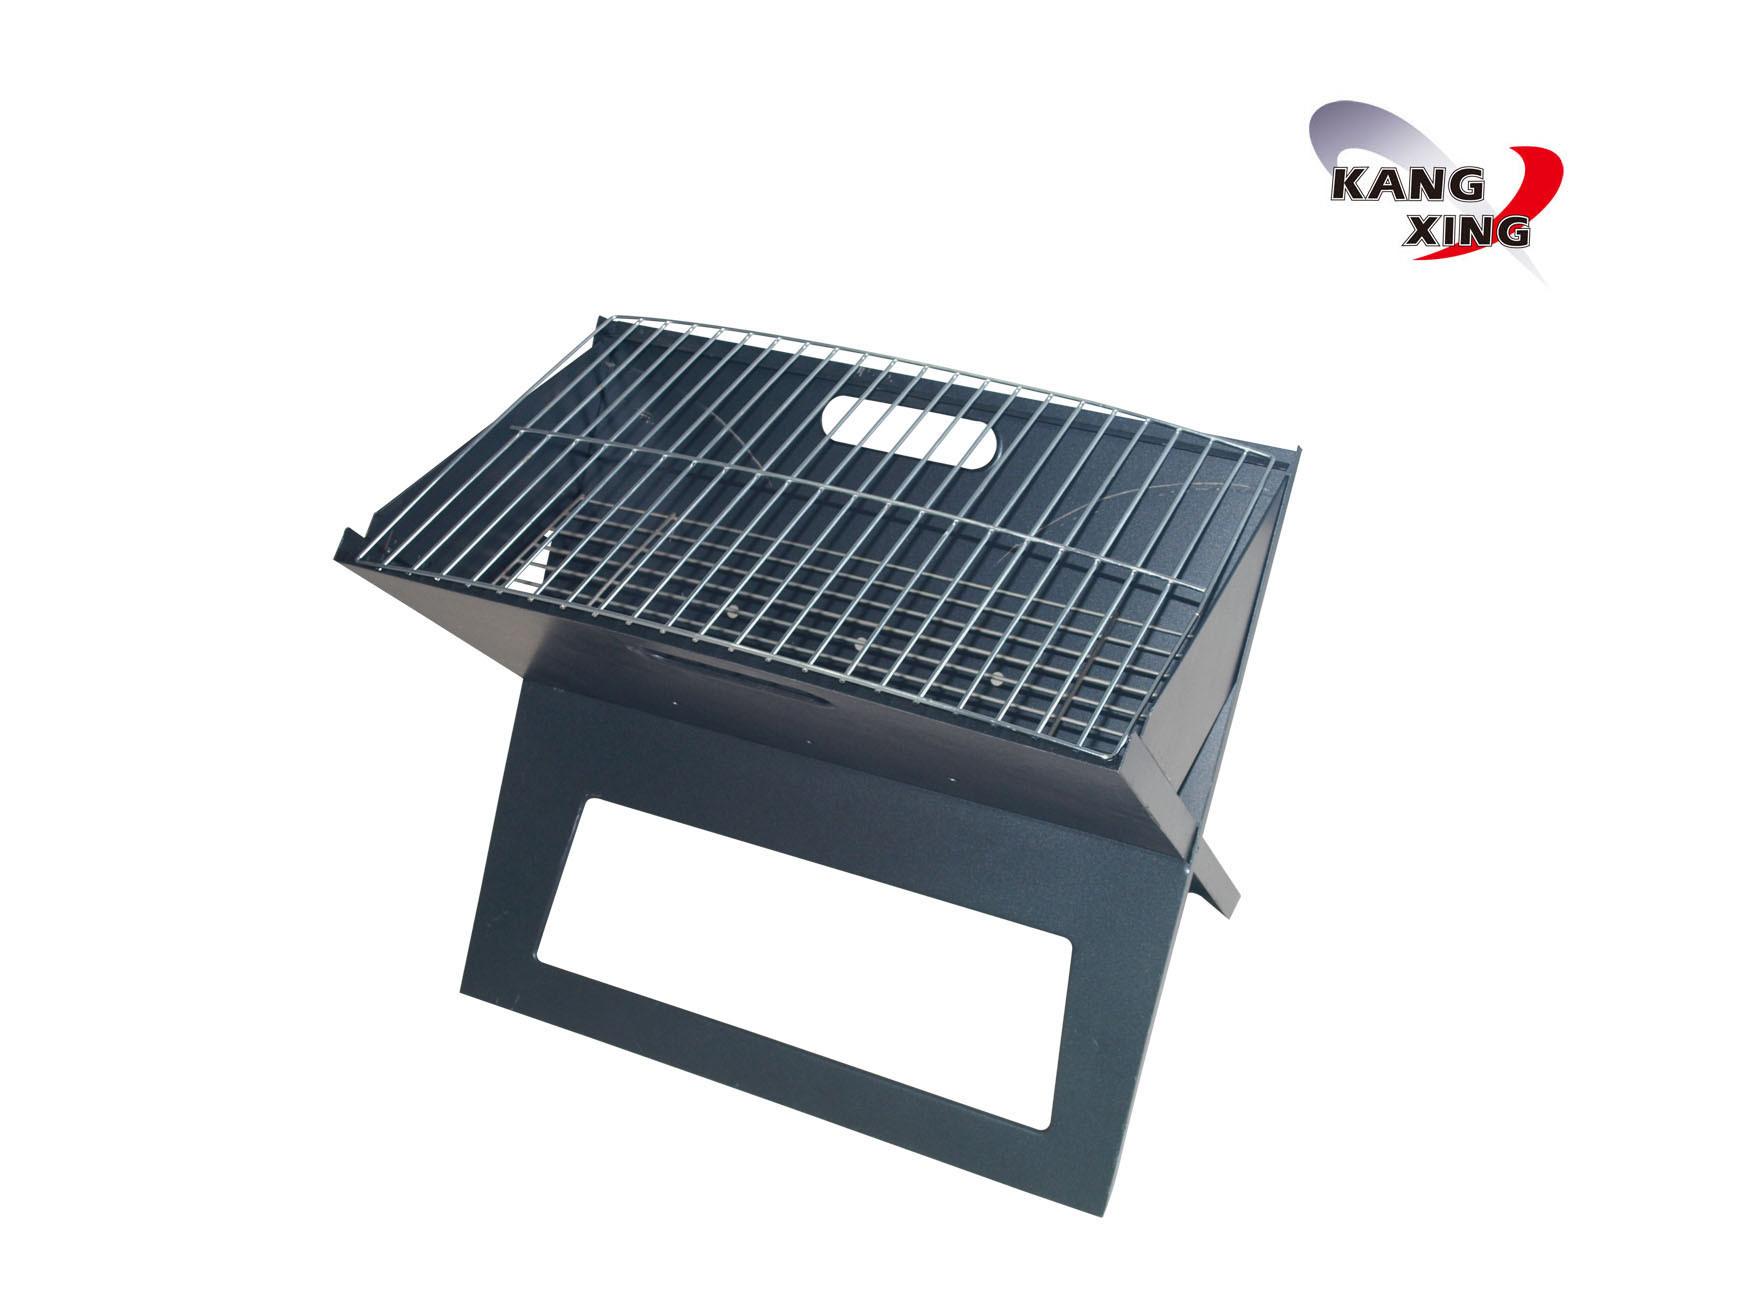 X gril pliant le gril portatif de bbq de charbon de bois x gril pliant le gr - Barbecue portatif charbon ...